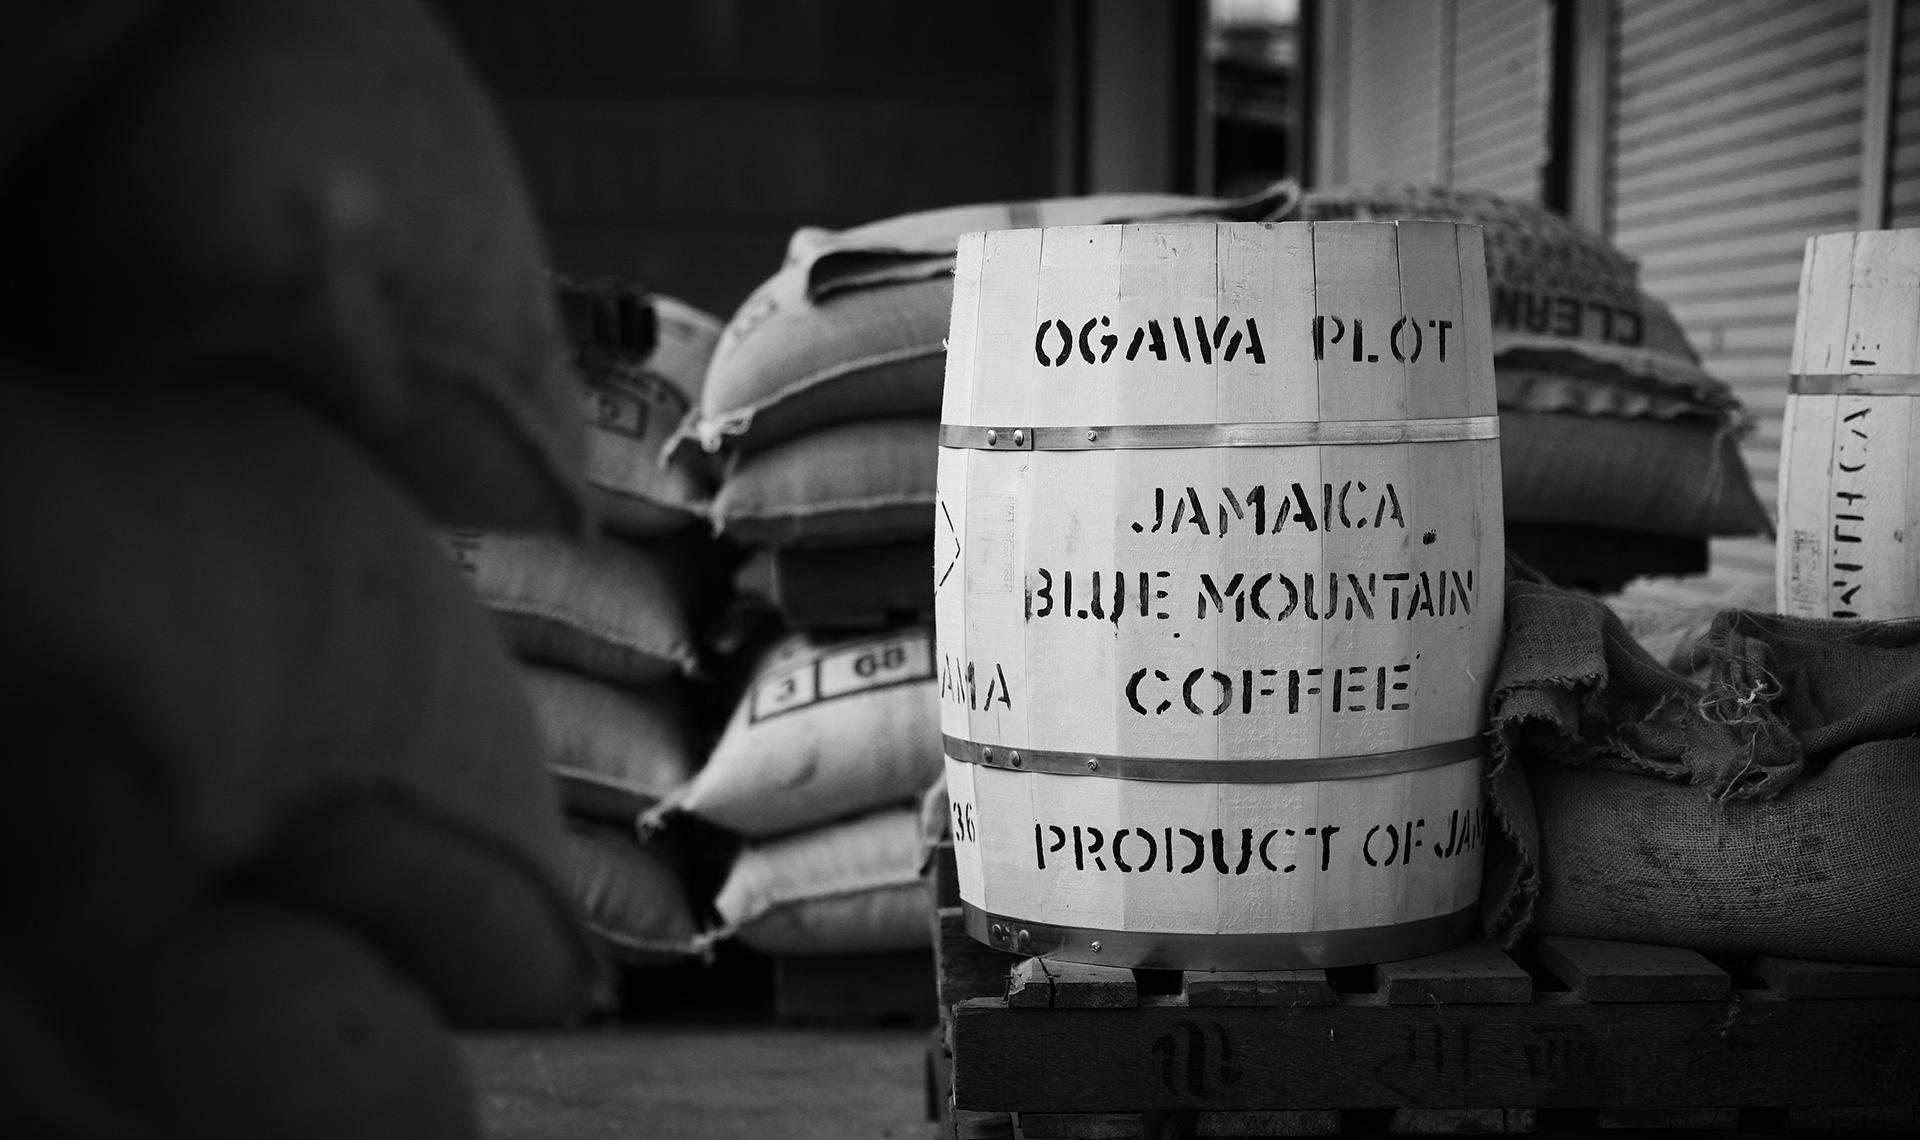 1. コーヒー豆のフェアトレード(目標1,2,5,8,12,13,16,17)